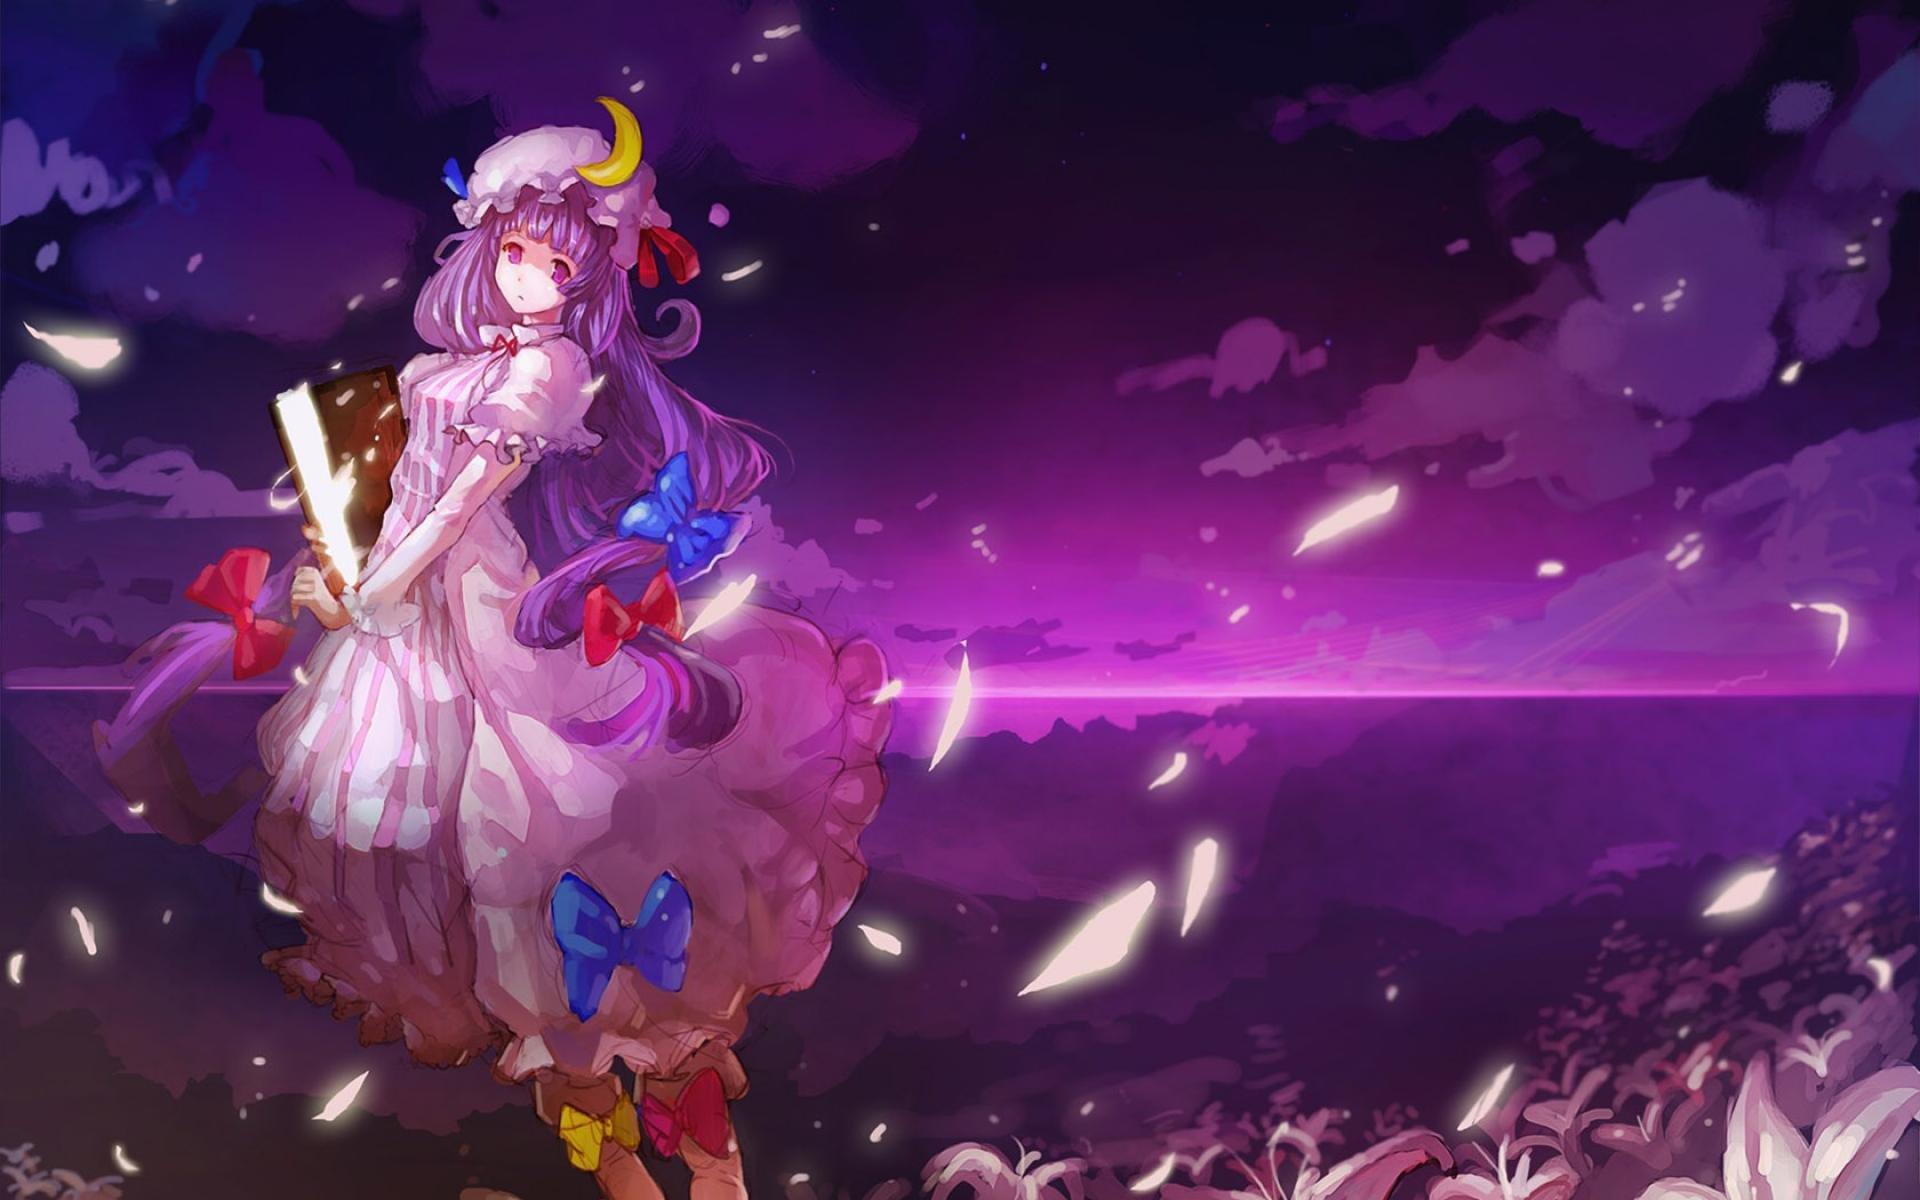 desktop-wallpaper-anime-girl-purple